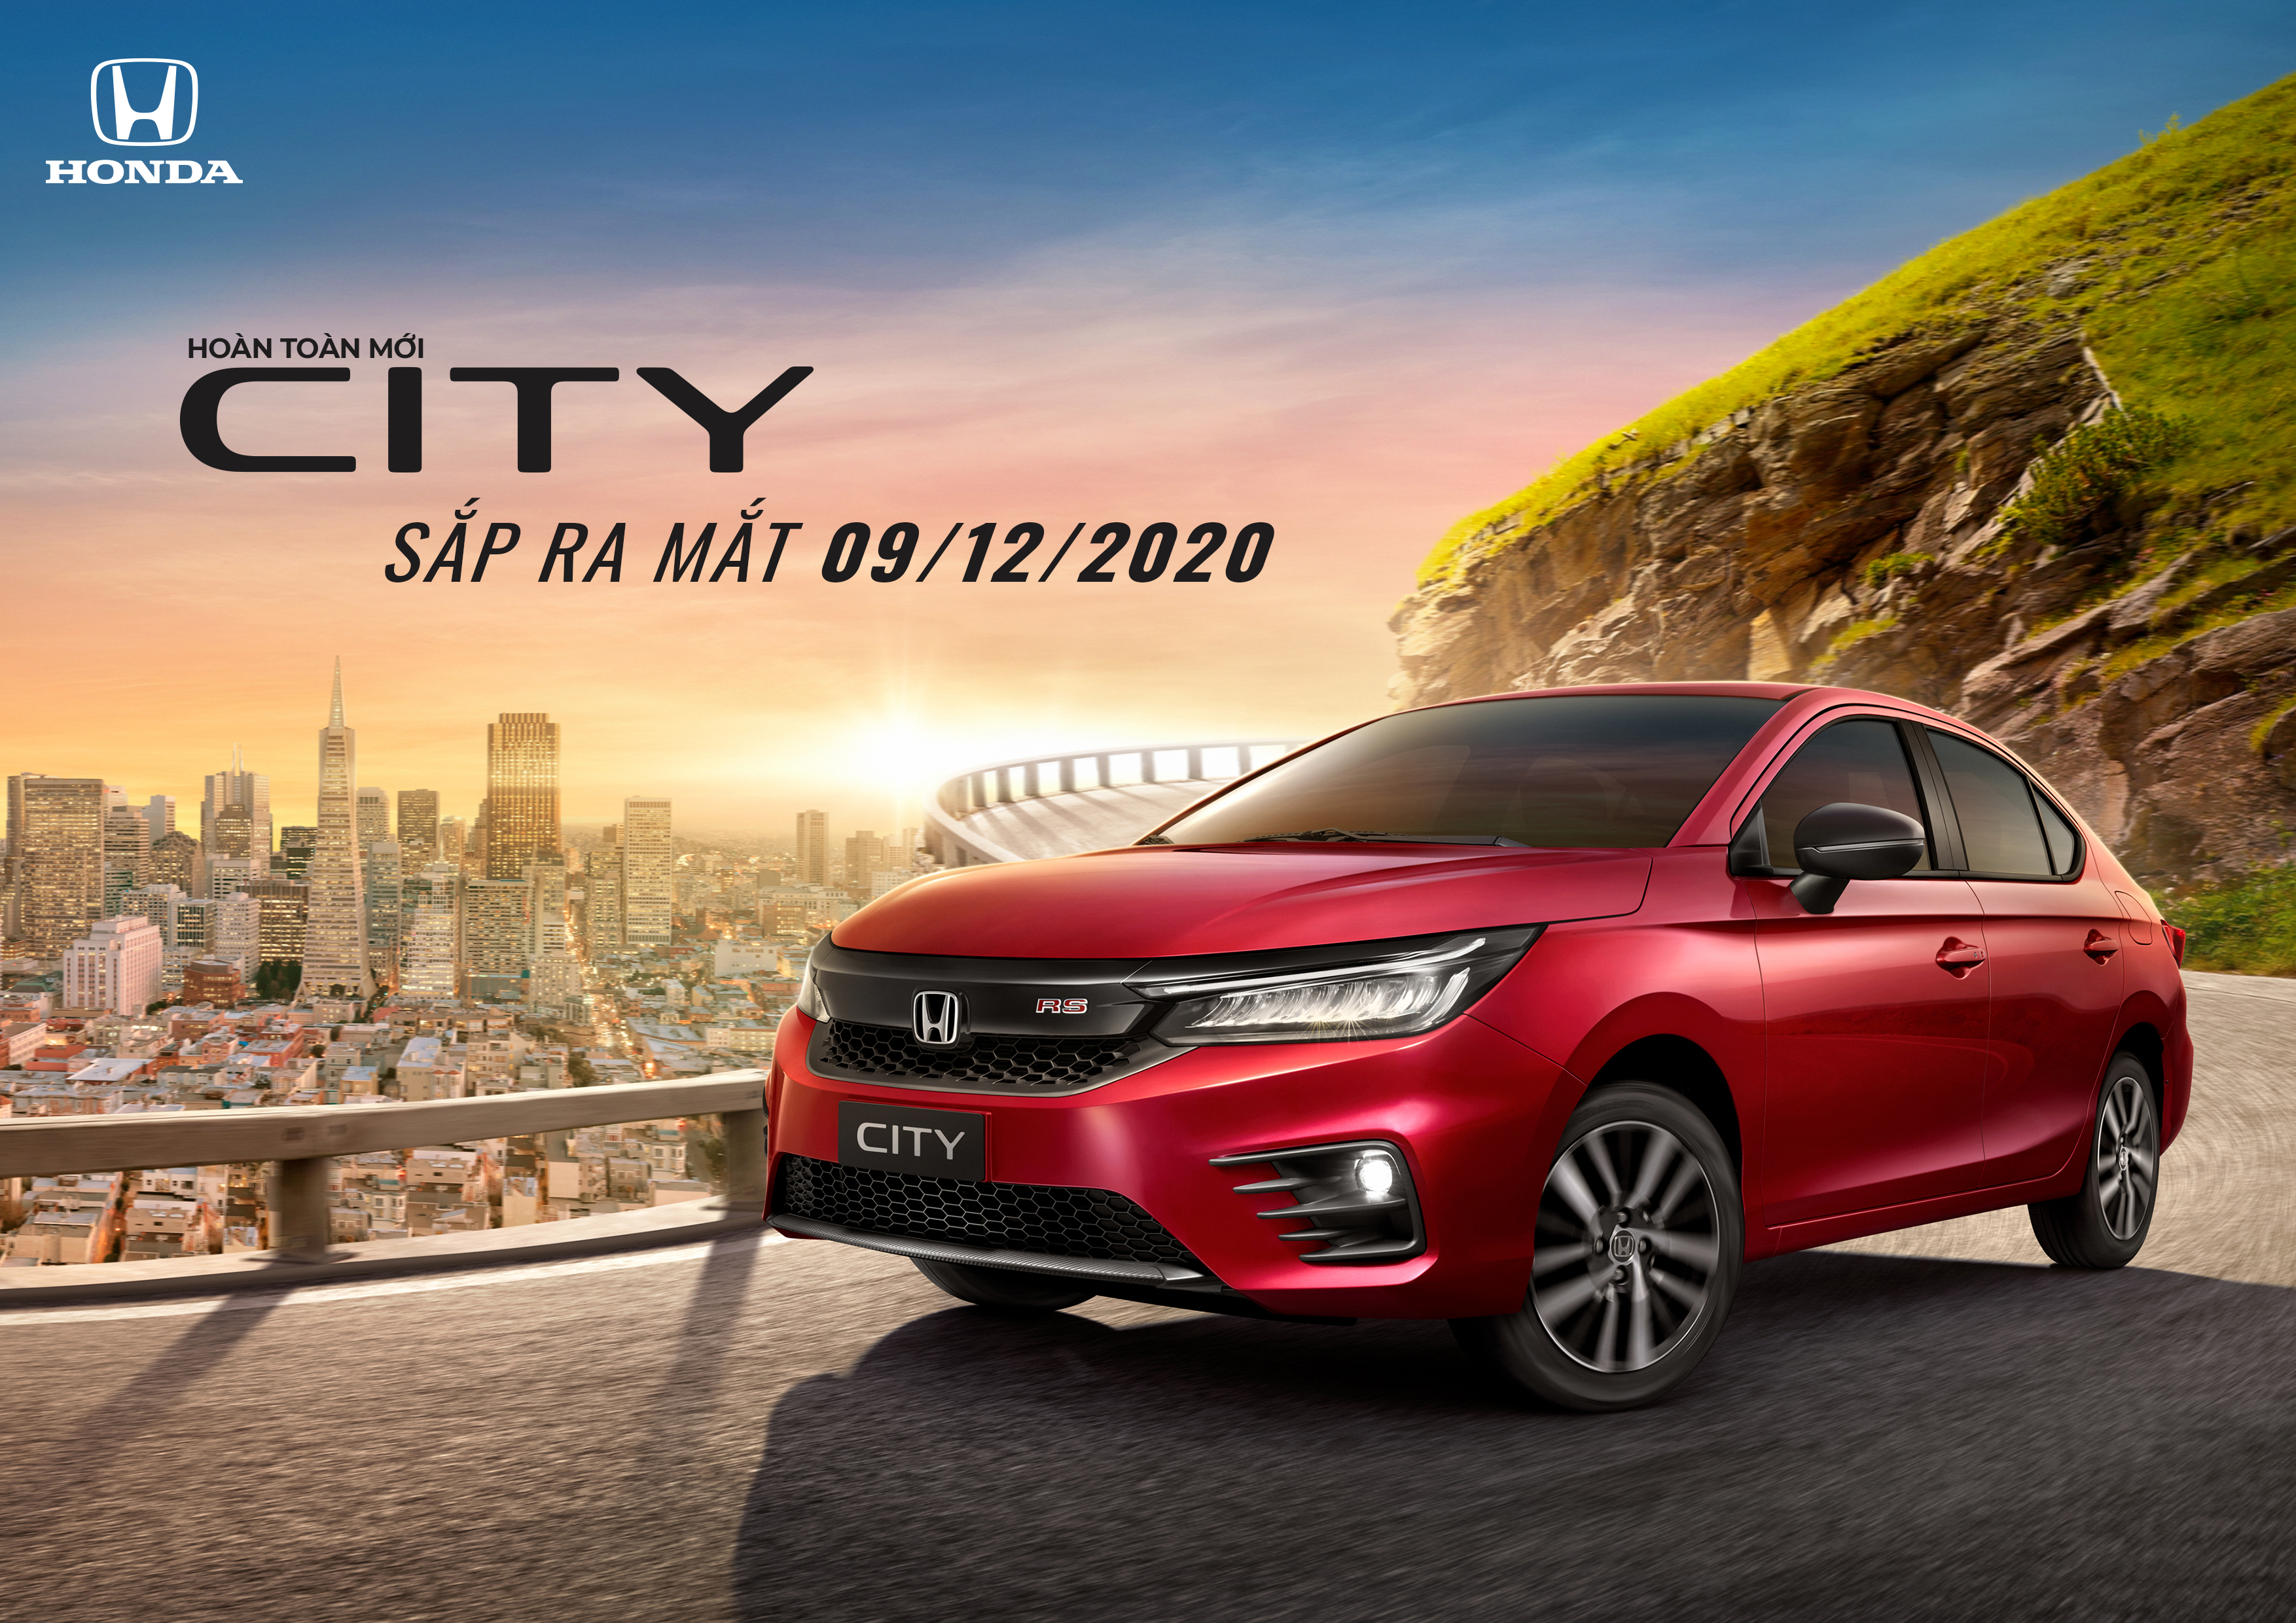 Honda City 2020 - Honda Ôtô Bình Dương - Thuận An